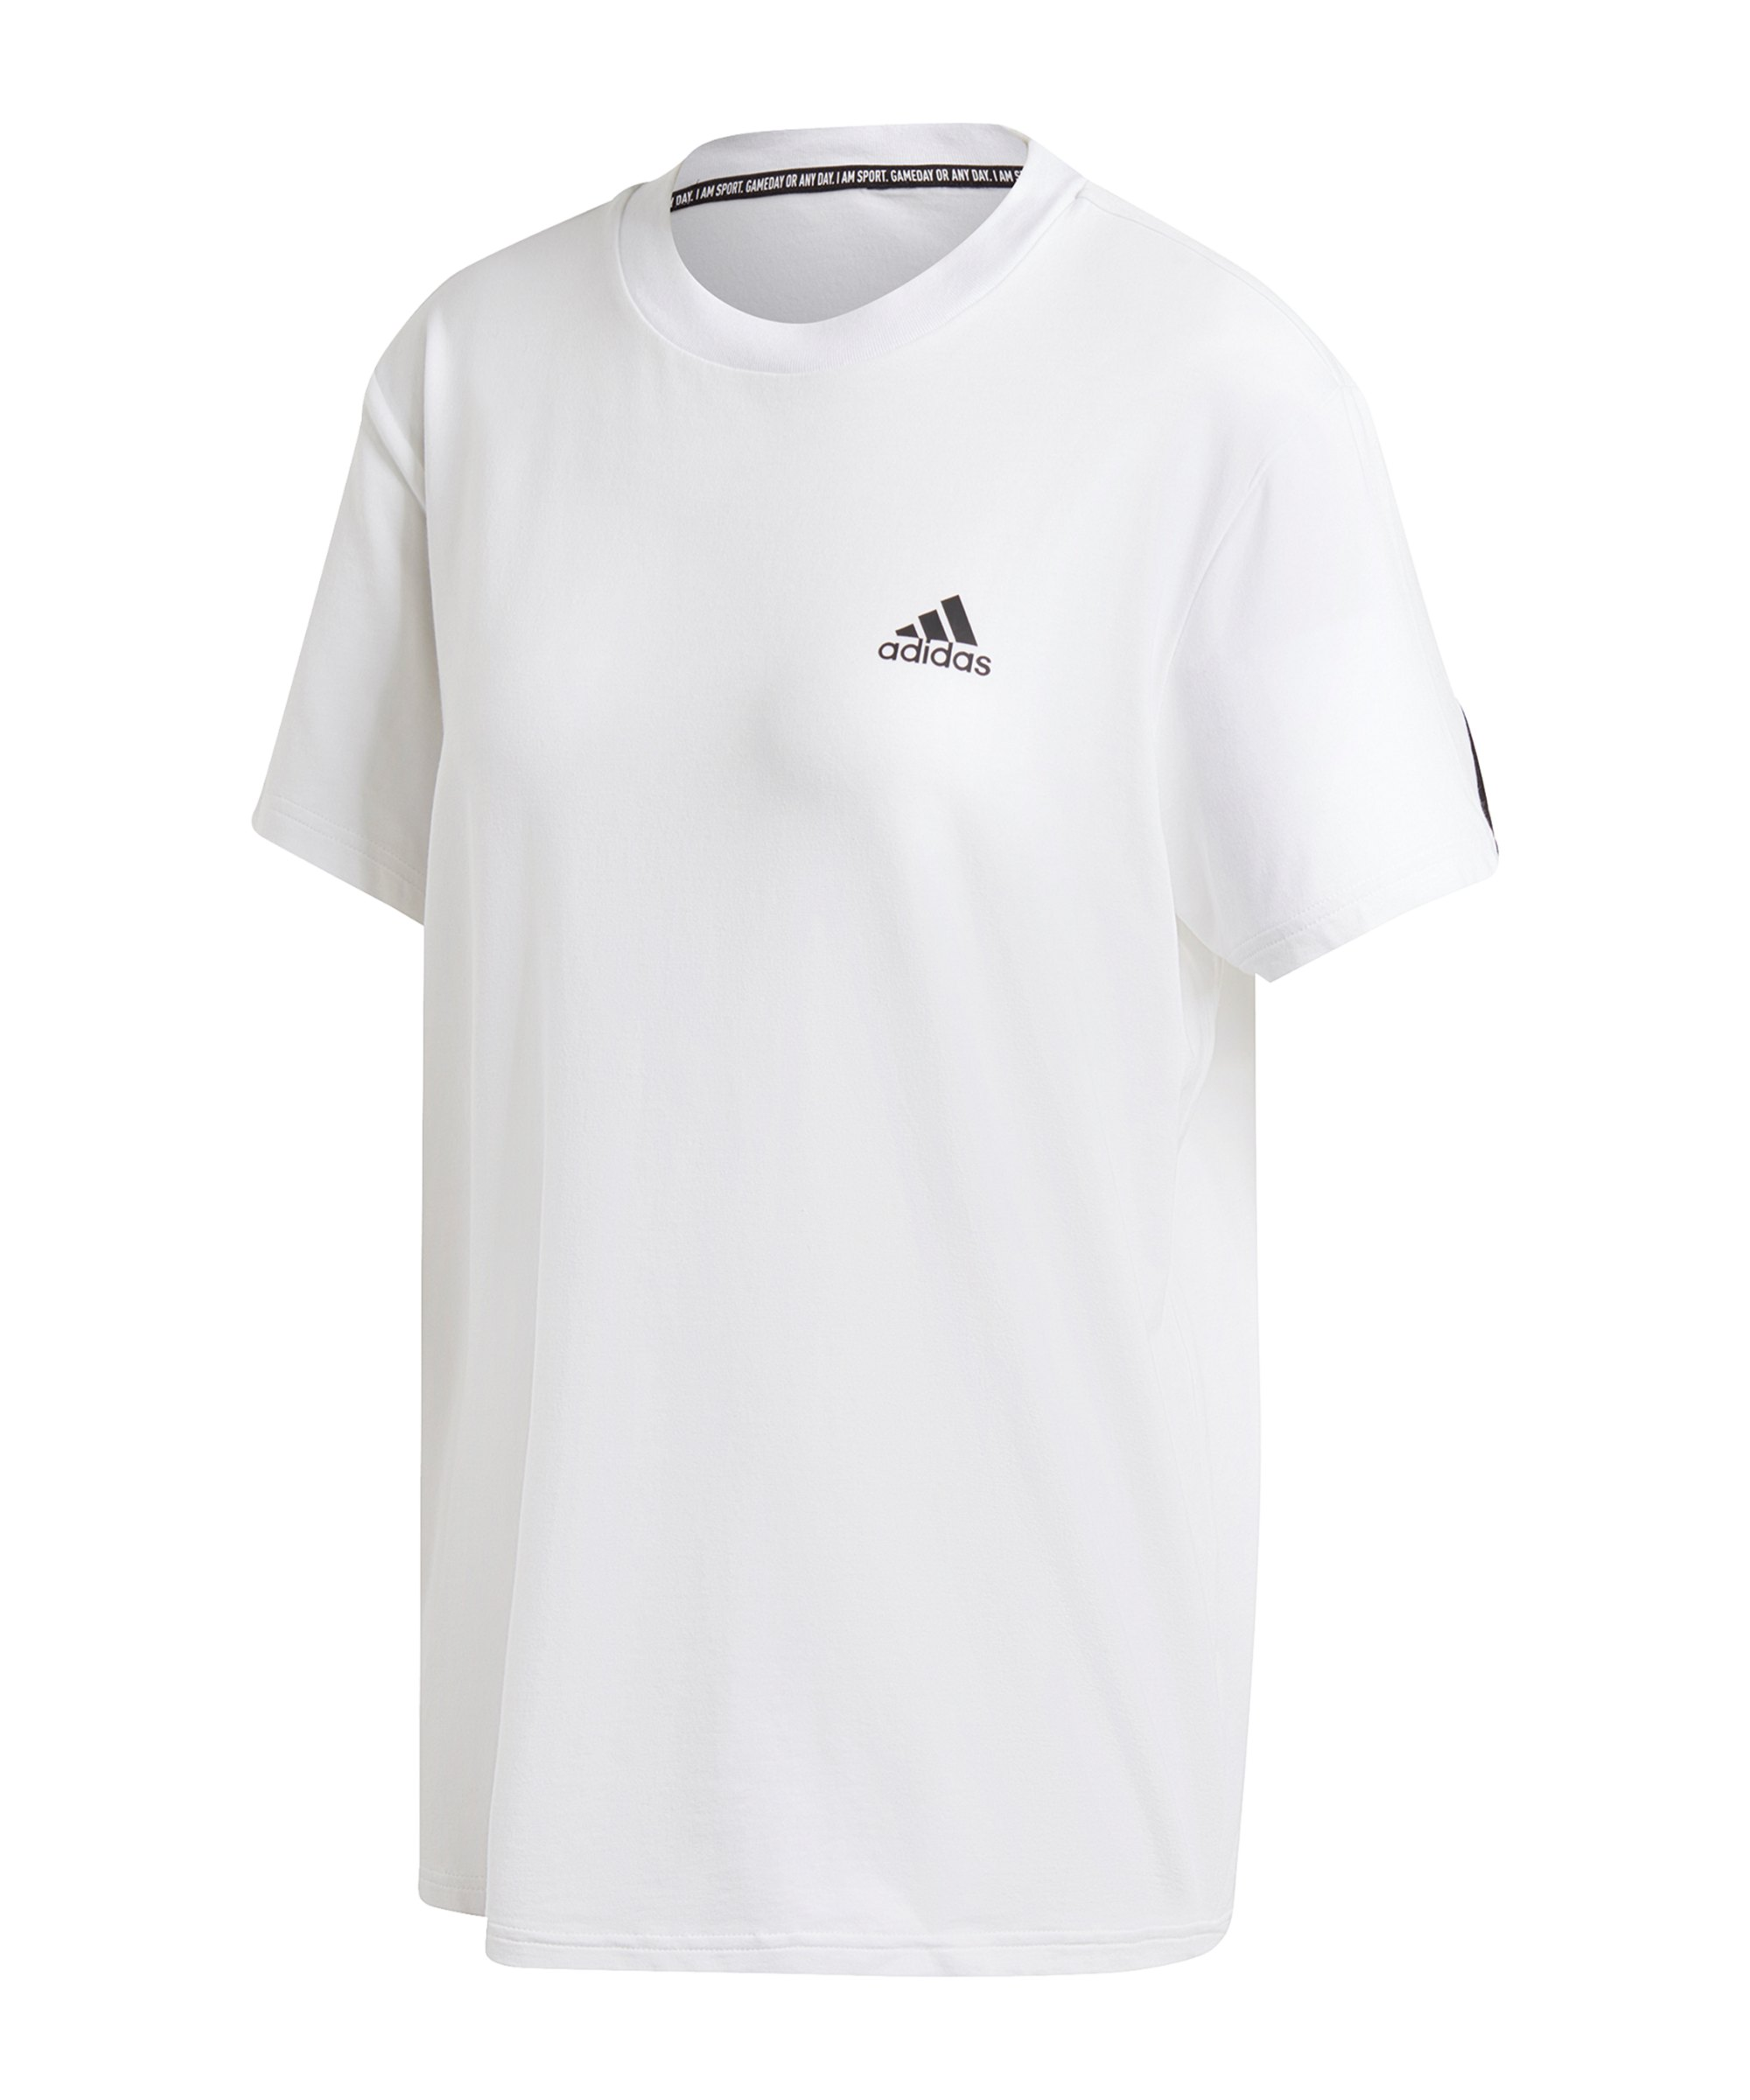 adidas Must Haves 3 Stripes T-Shirt Damen Weiss - weiss